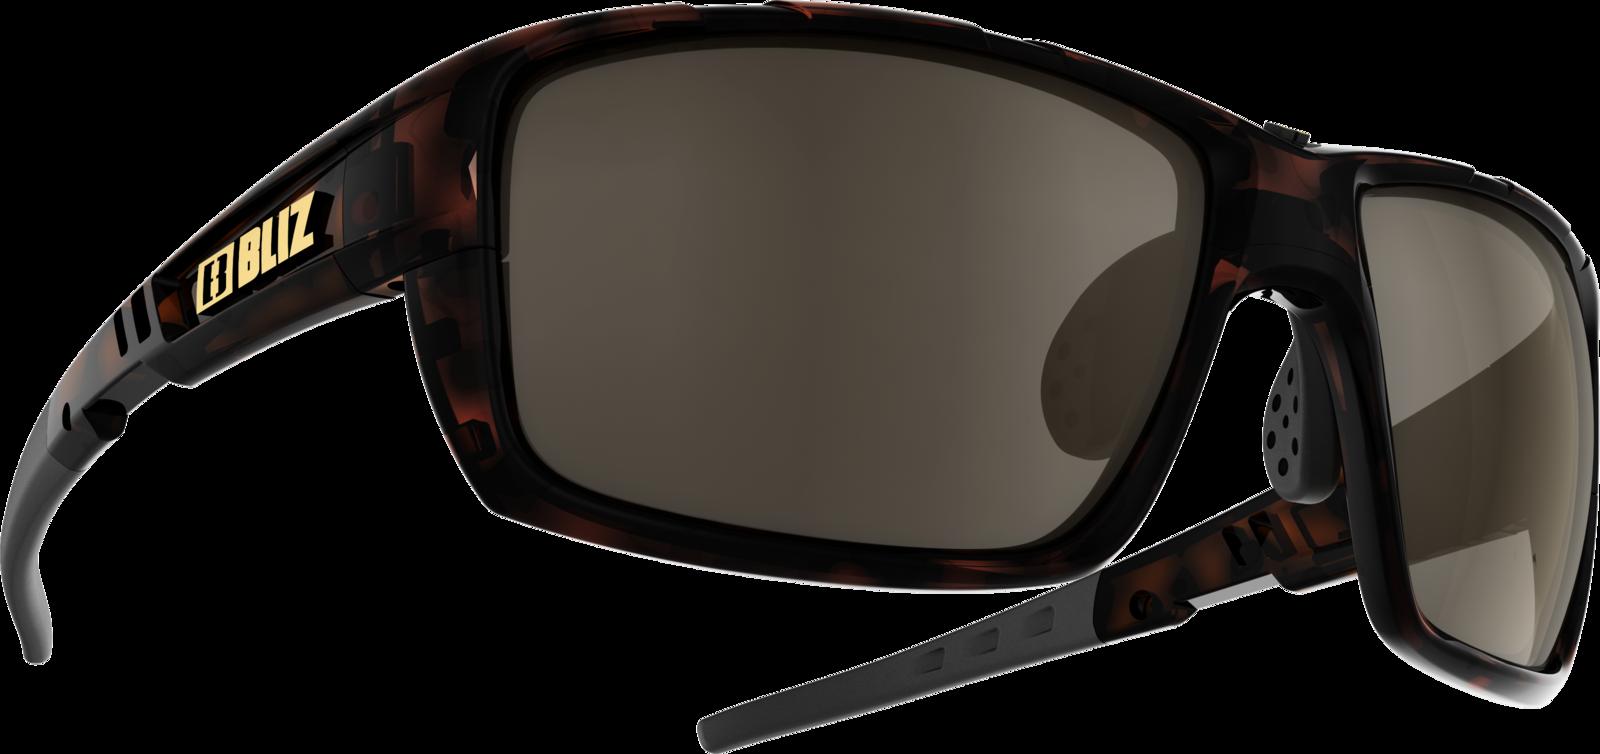 Очки спортивные Bliz Tracker Ozon, для беговых лыж, велоспорта, цвет: коричневый